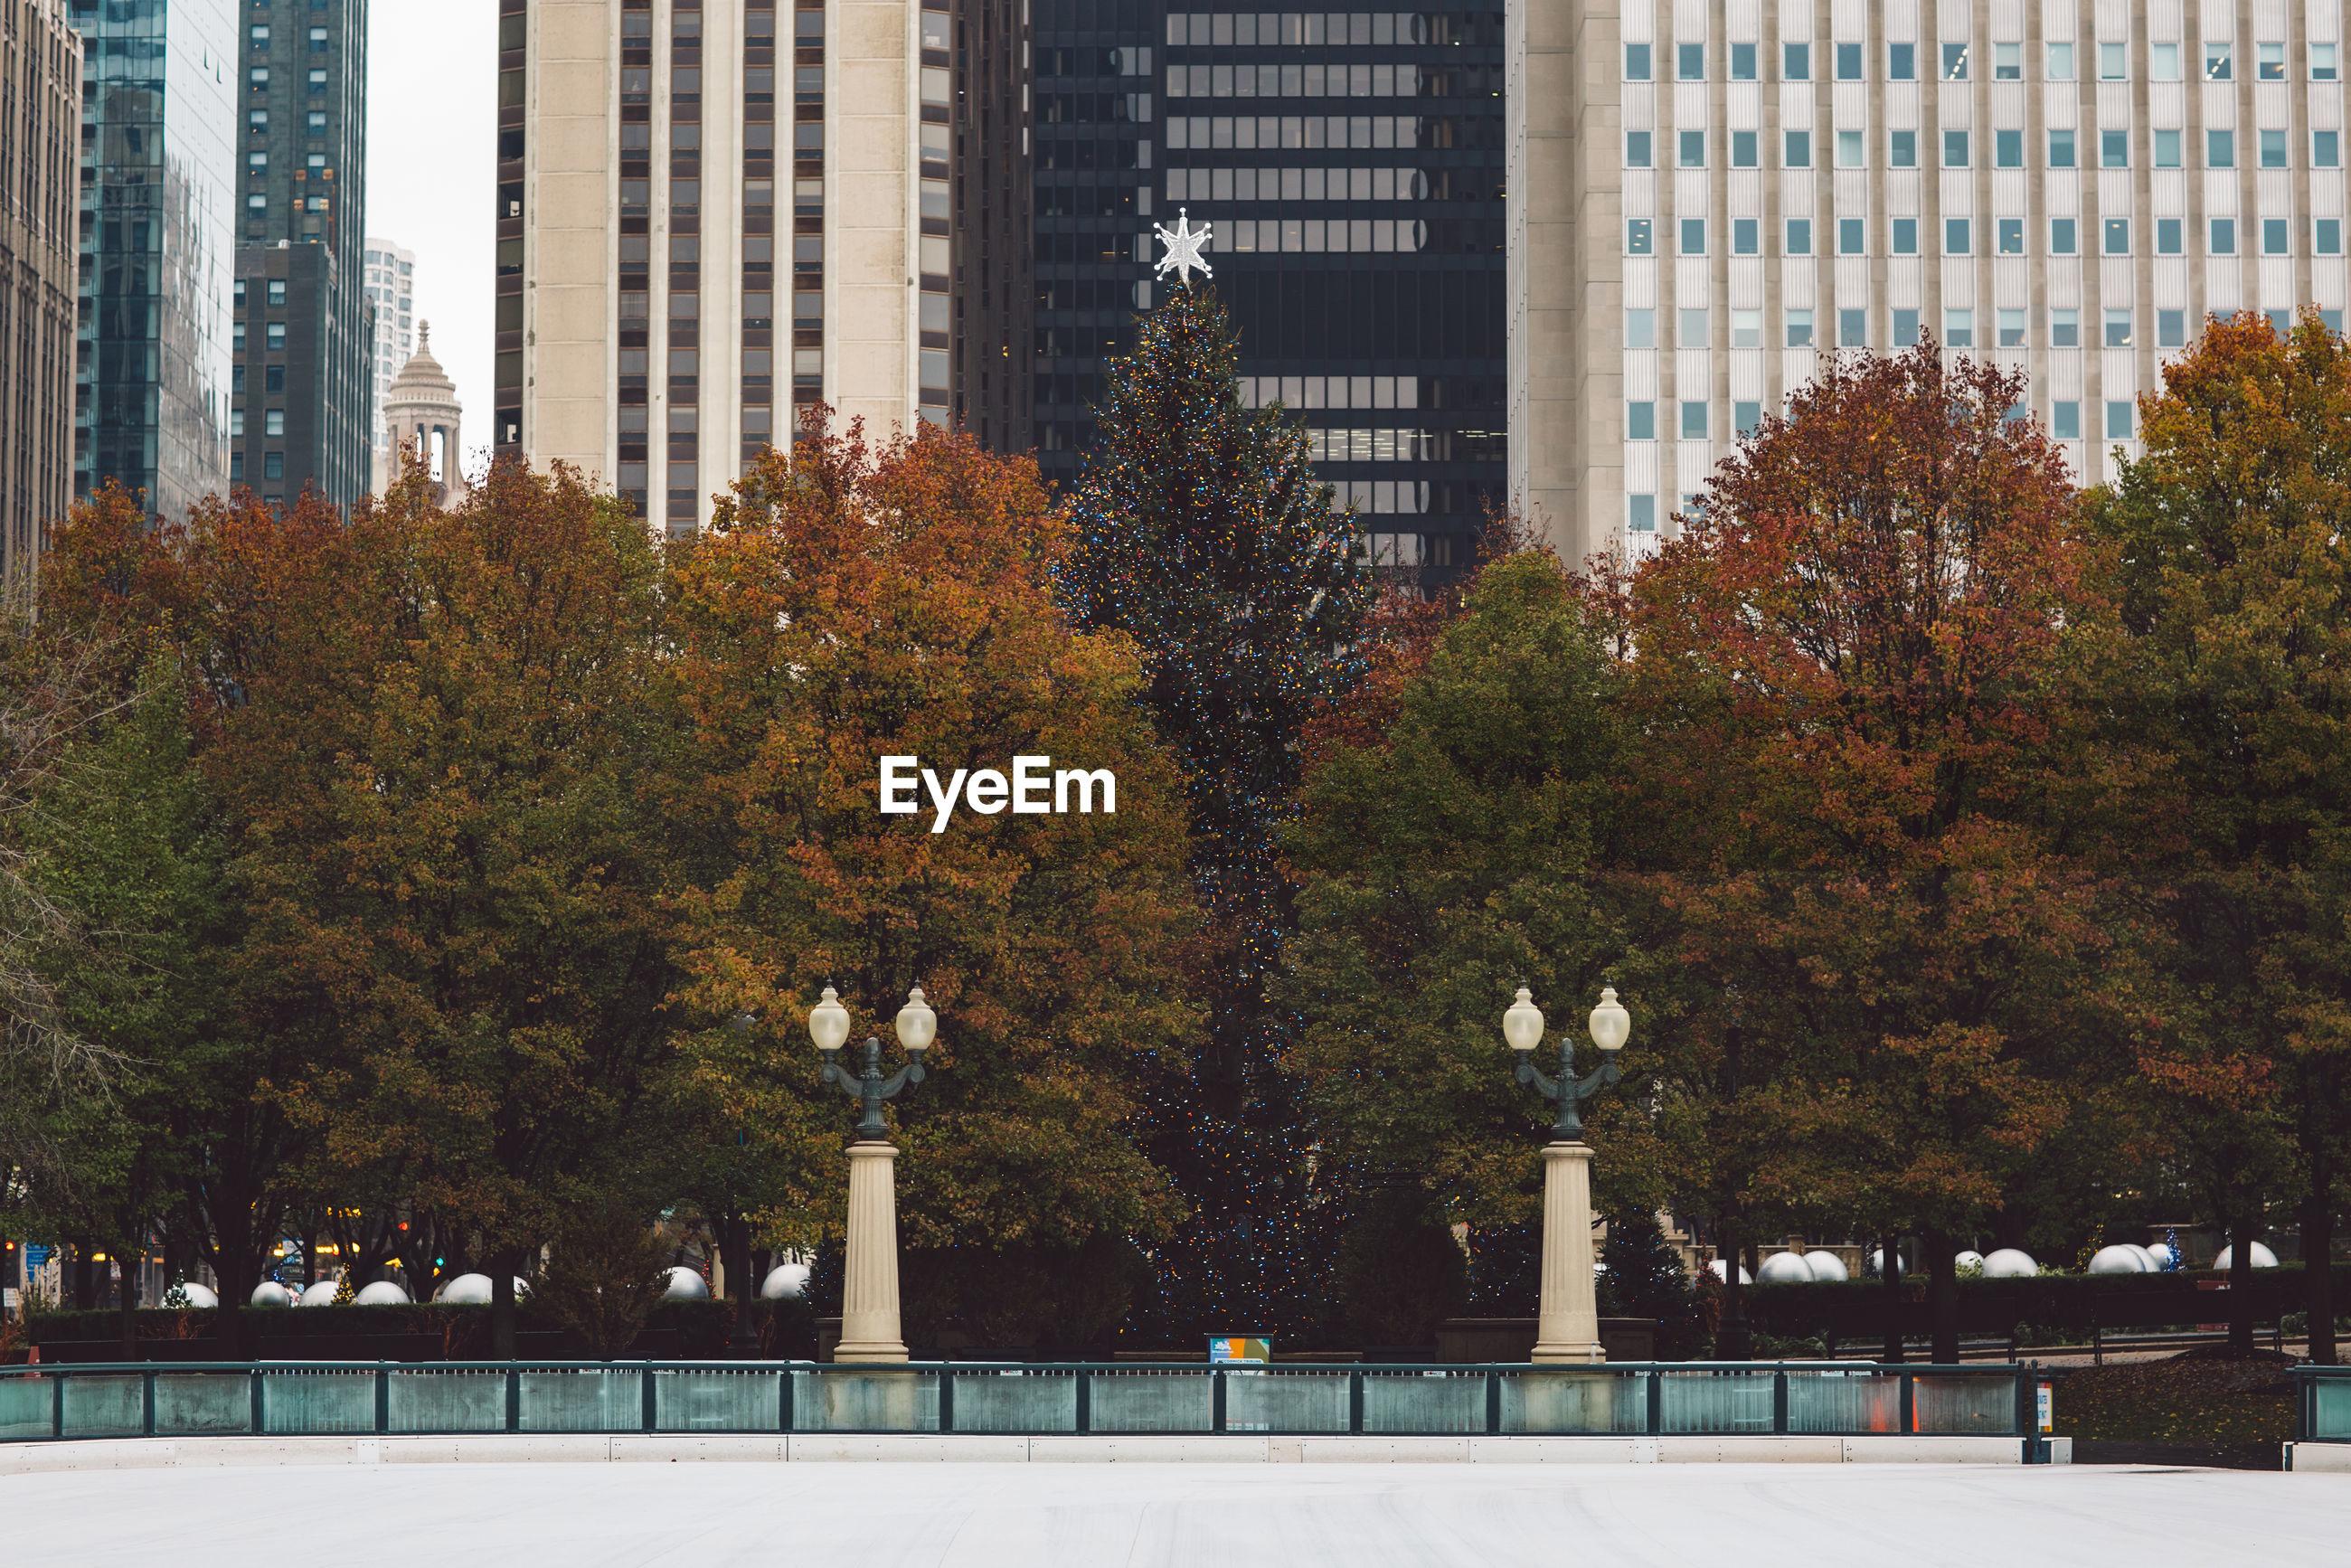 TREES IN CITY AGAINST BUILDINGS